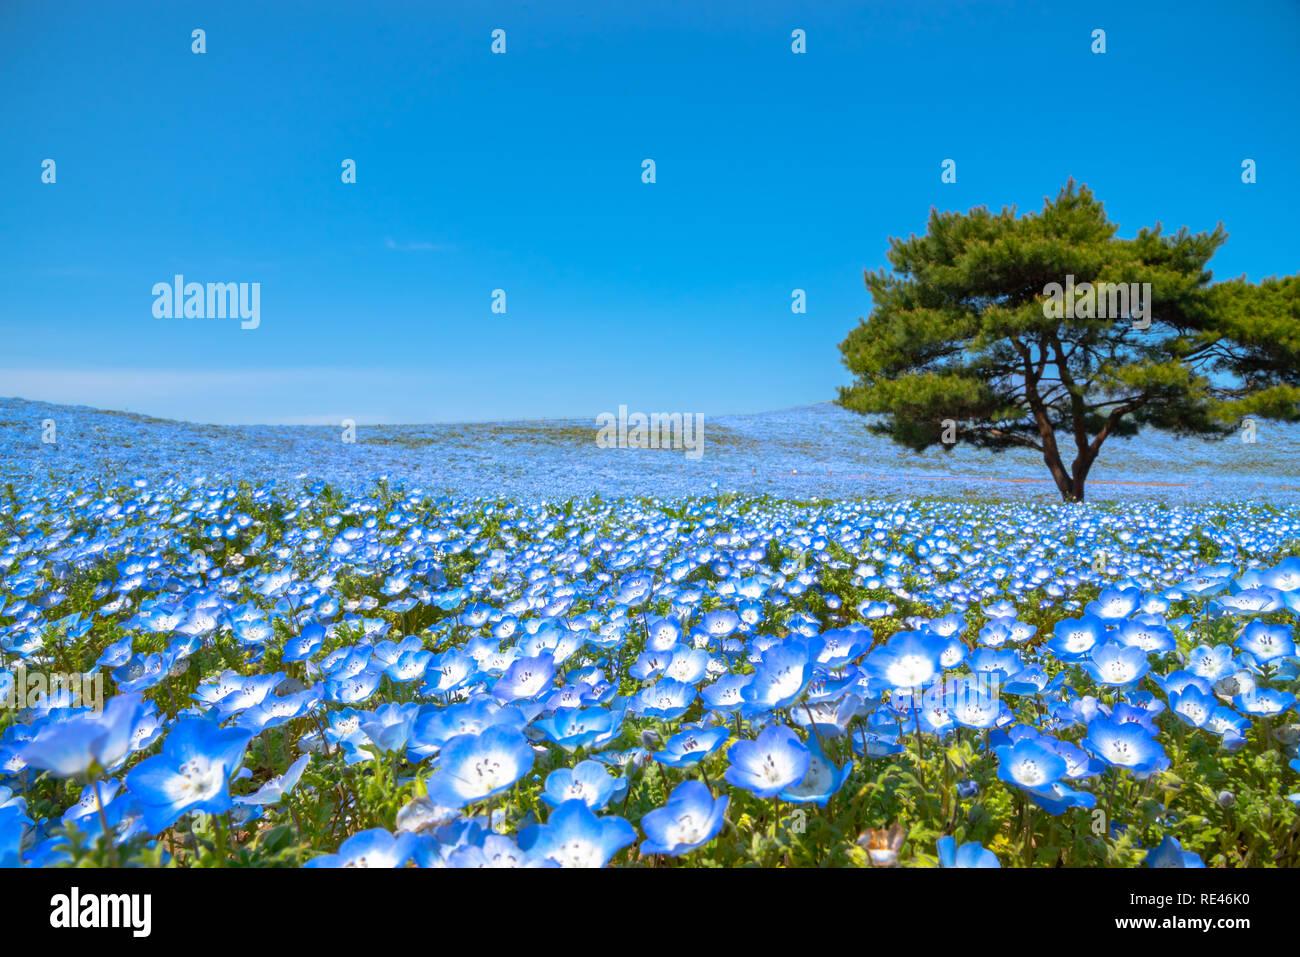 Mountain, Tree and Nemophila (baby blue eyes flowers) field